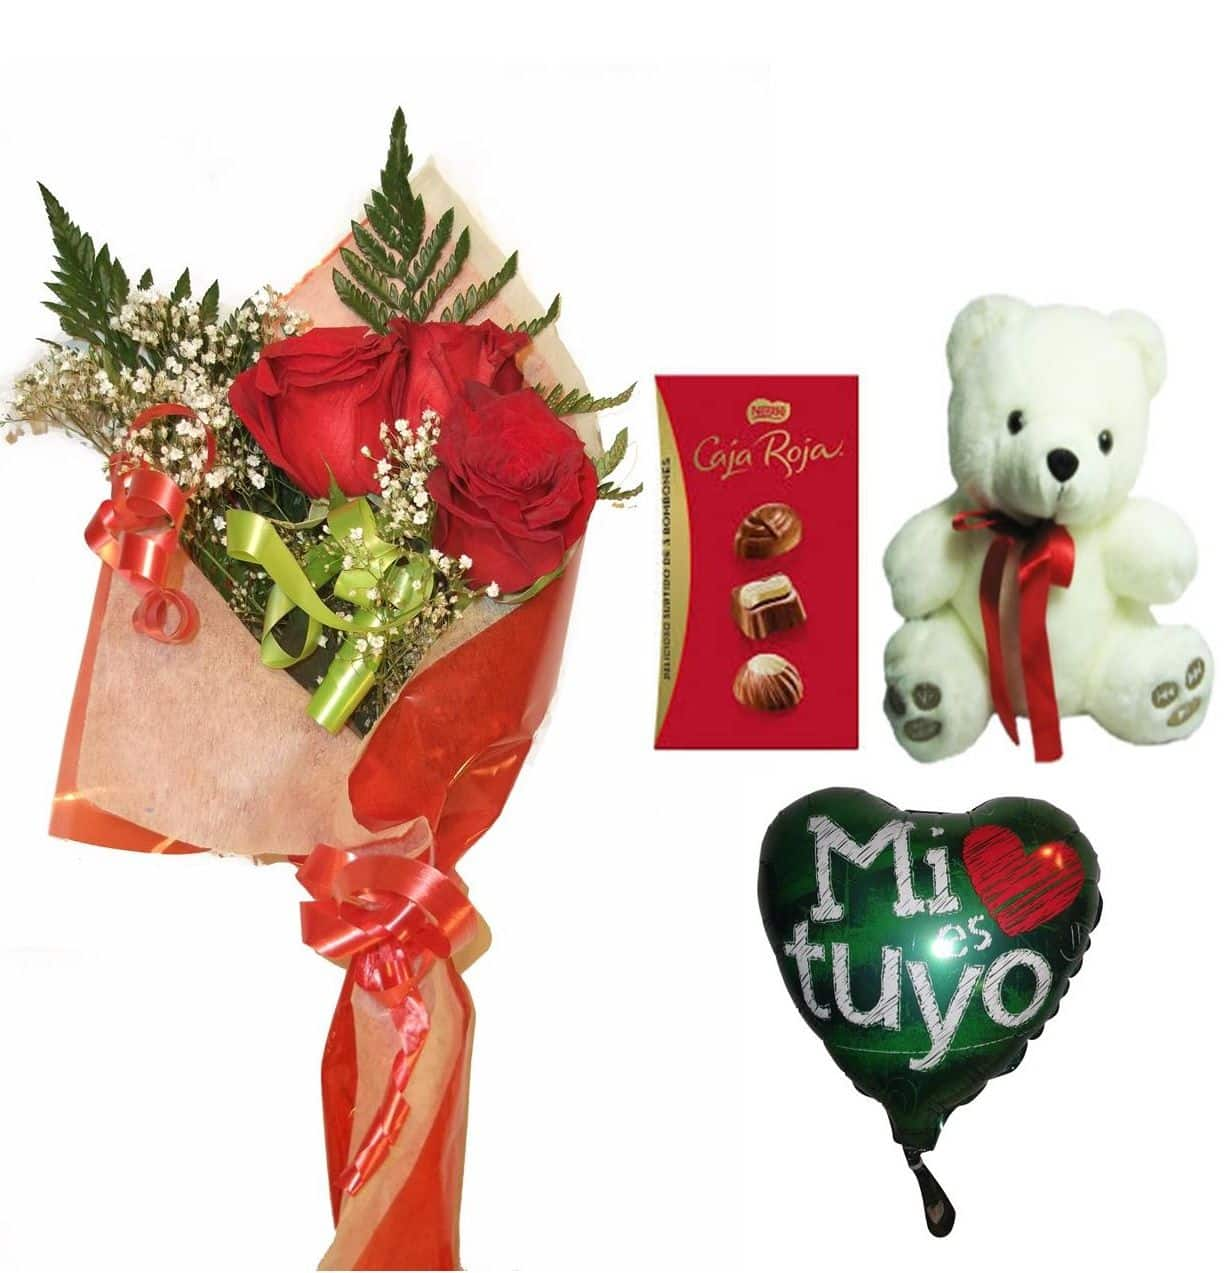 Envio de ramo de tres rosas a domicilio con bombones, peluche y globo a elegir